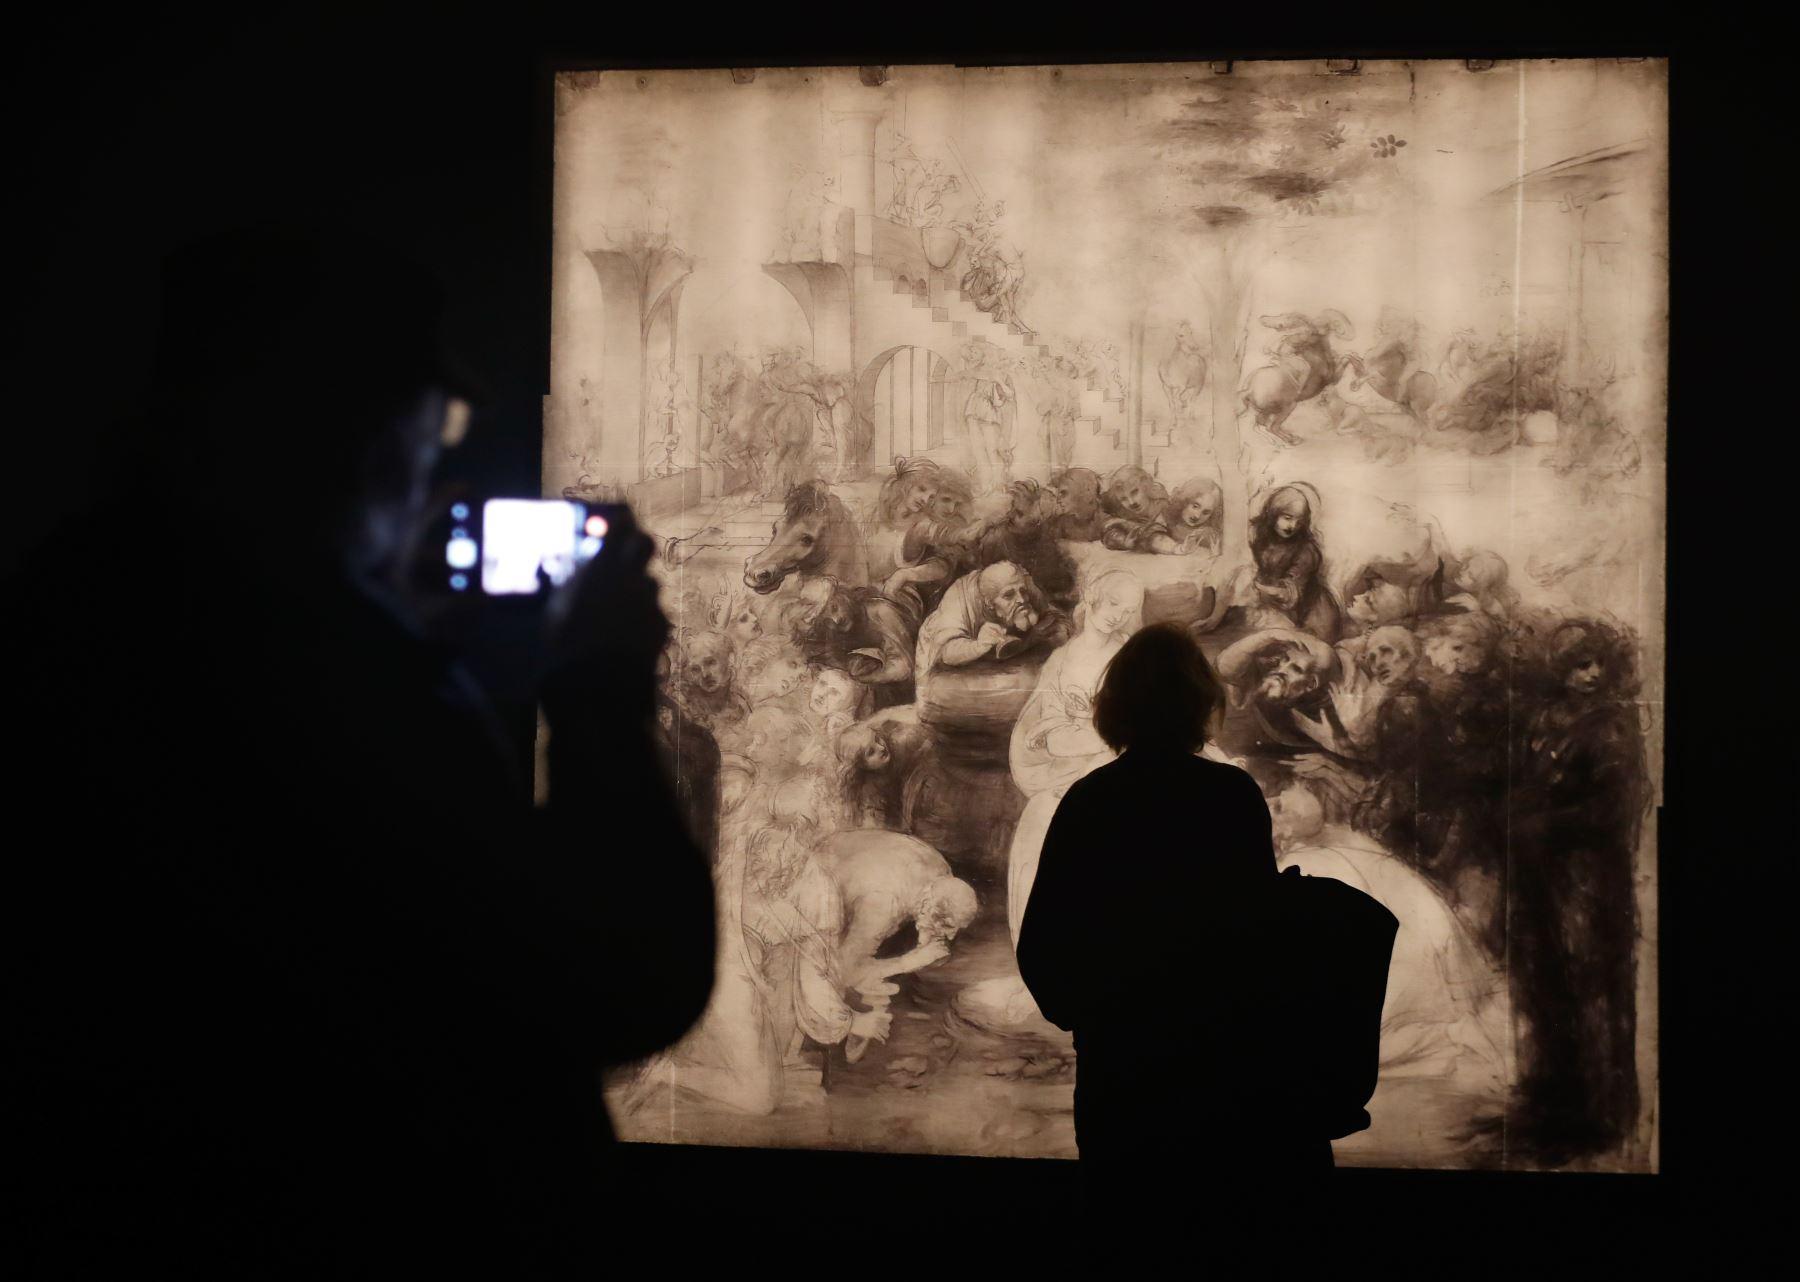 """Una persona mira una reflectografía infrarroja de """"La adoración de los magos"""" de Leonardo da Vinci durante la inauguración de la exposición """"Leonardo da Vinci"""", en el museo del Louvre en París. Foto: AFP"""